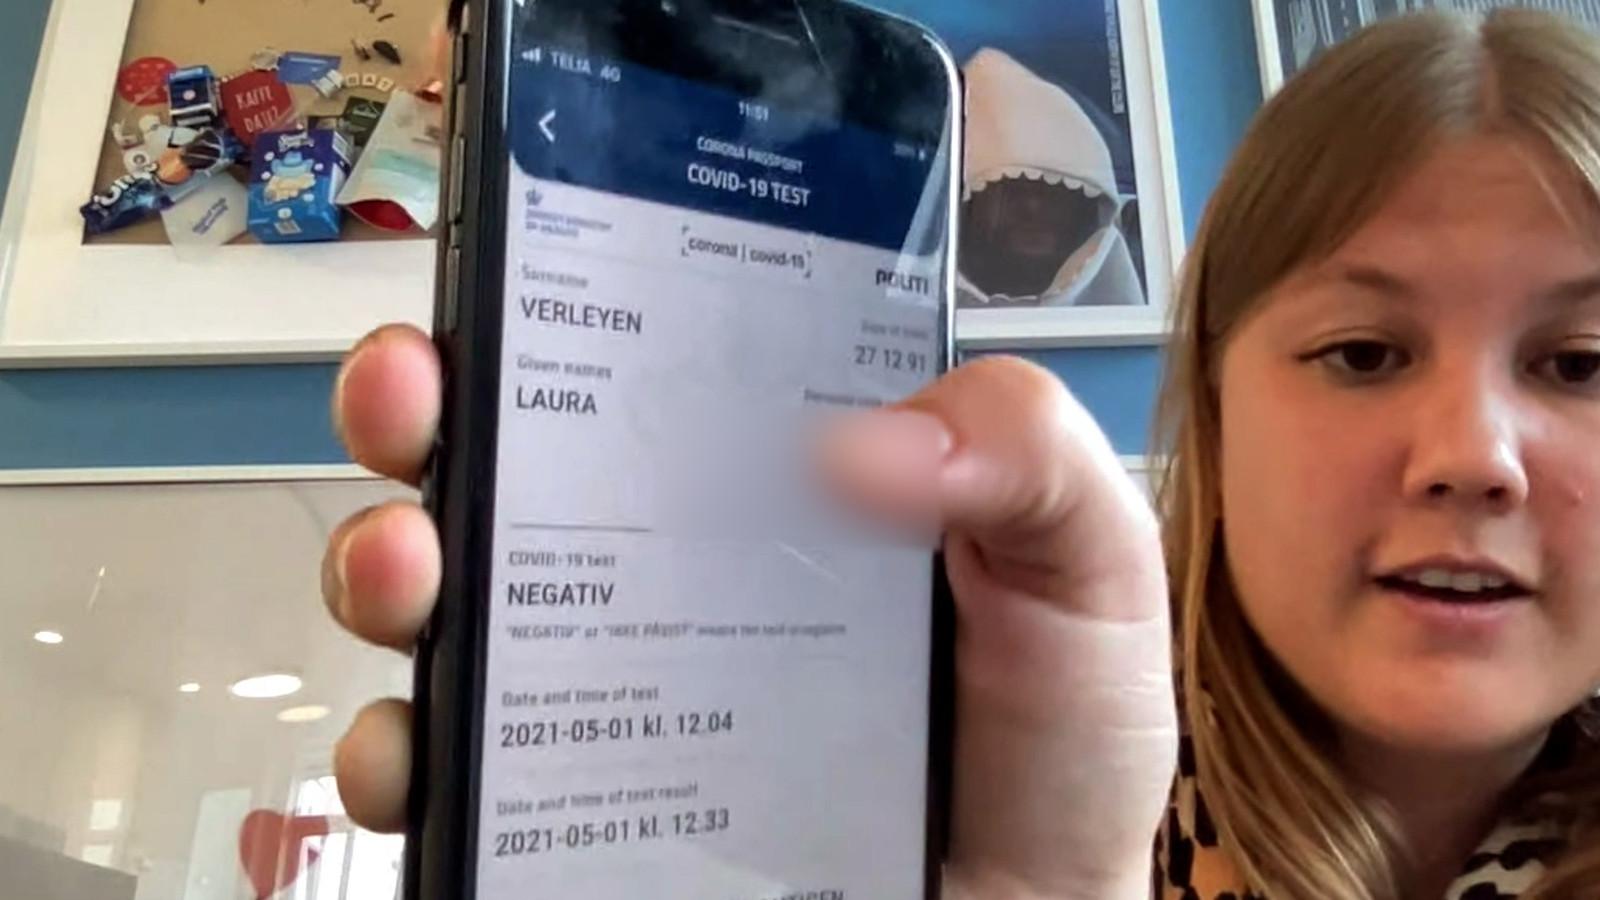 """Vlaamse in Denemarken over coronapaspoort: """"Het geeft een extra gevoel van veiligheid"""""""